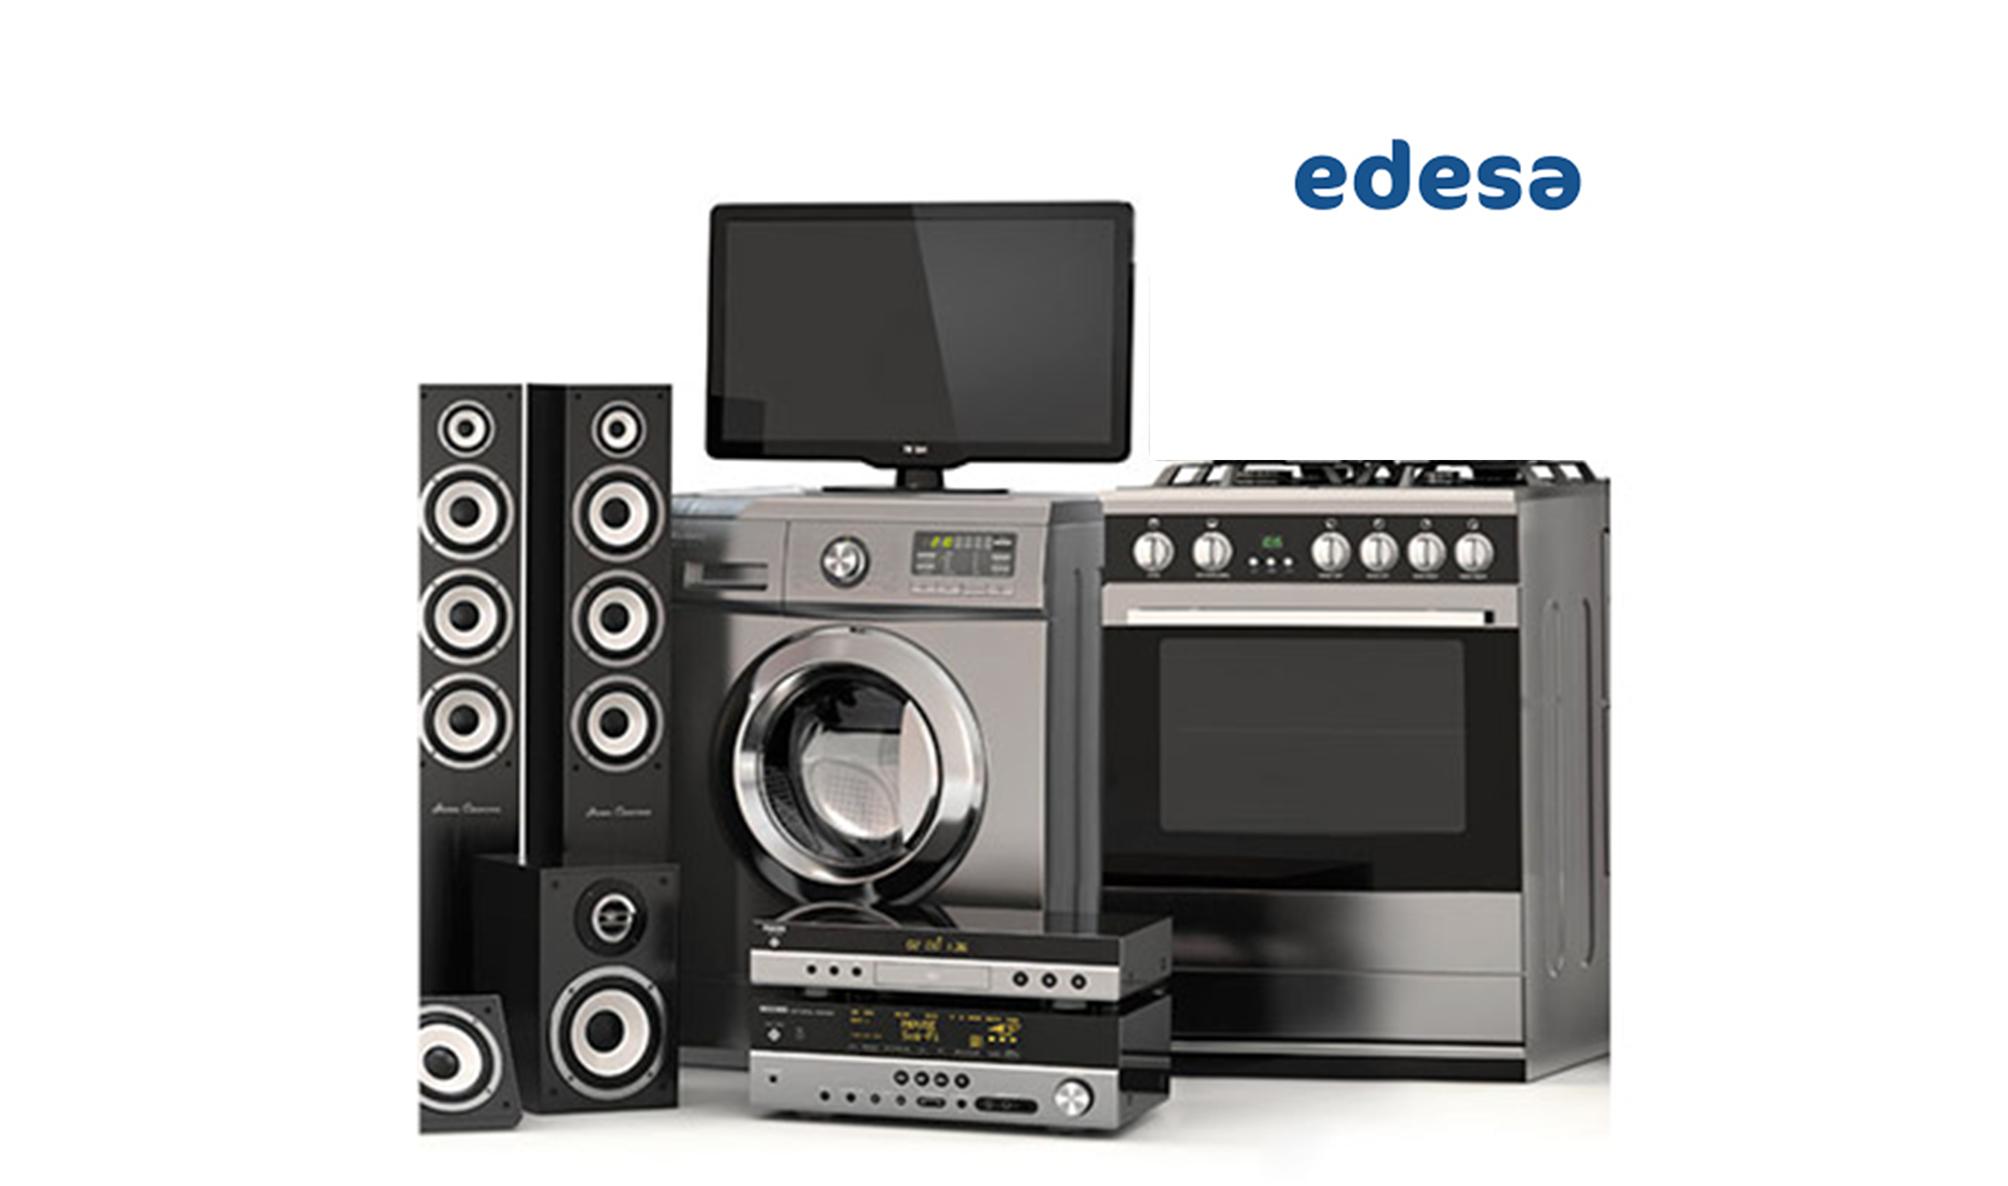 electrodomesticos-edesa